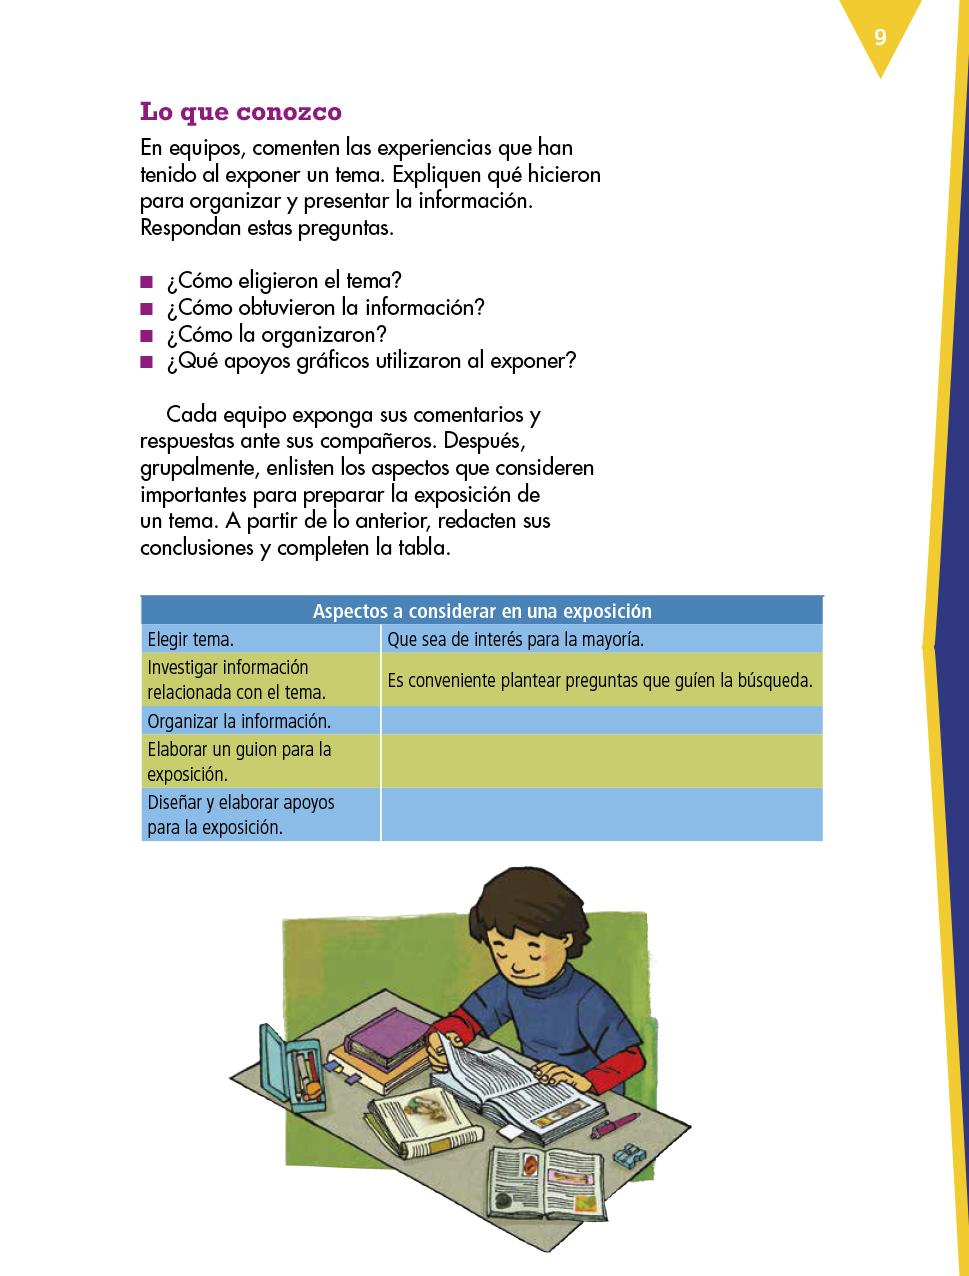 Español Cuarto grado 2017-2018 - Ciclo Escolar - Centro de Descargas